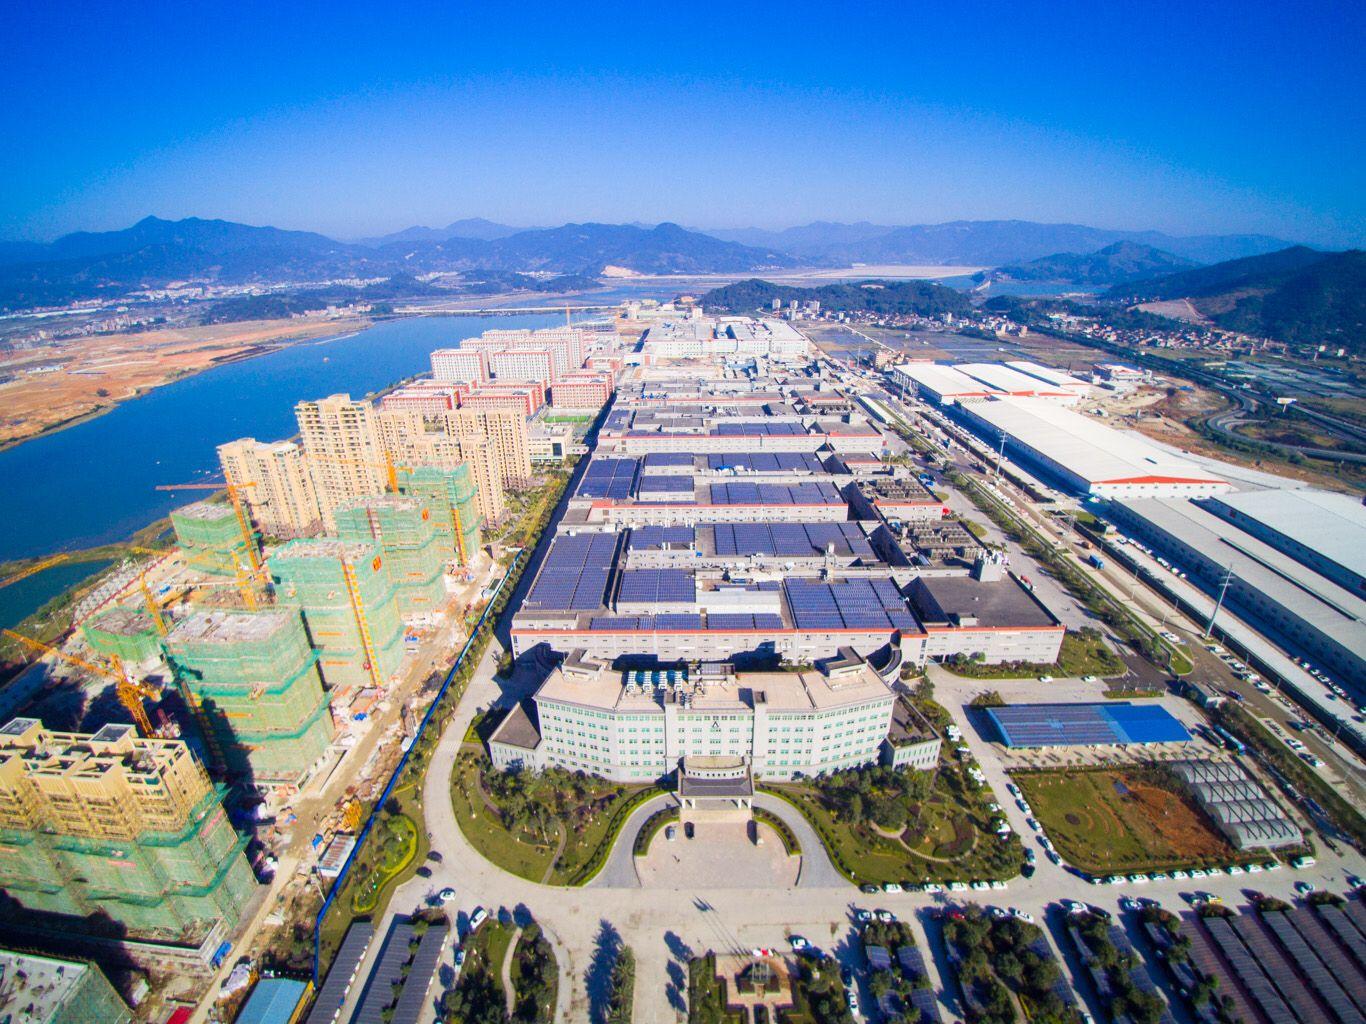 动力电池新增需求提振 钴产业链面临重估